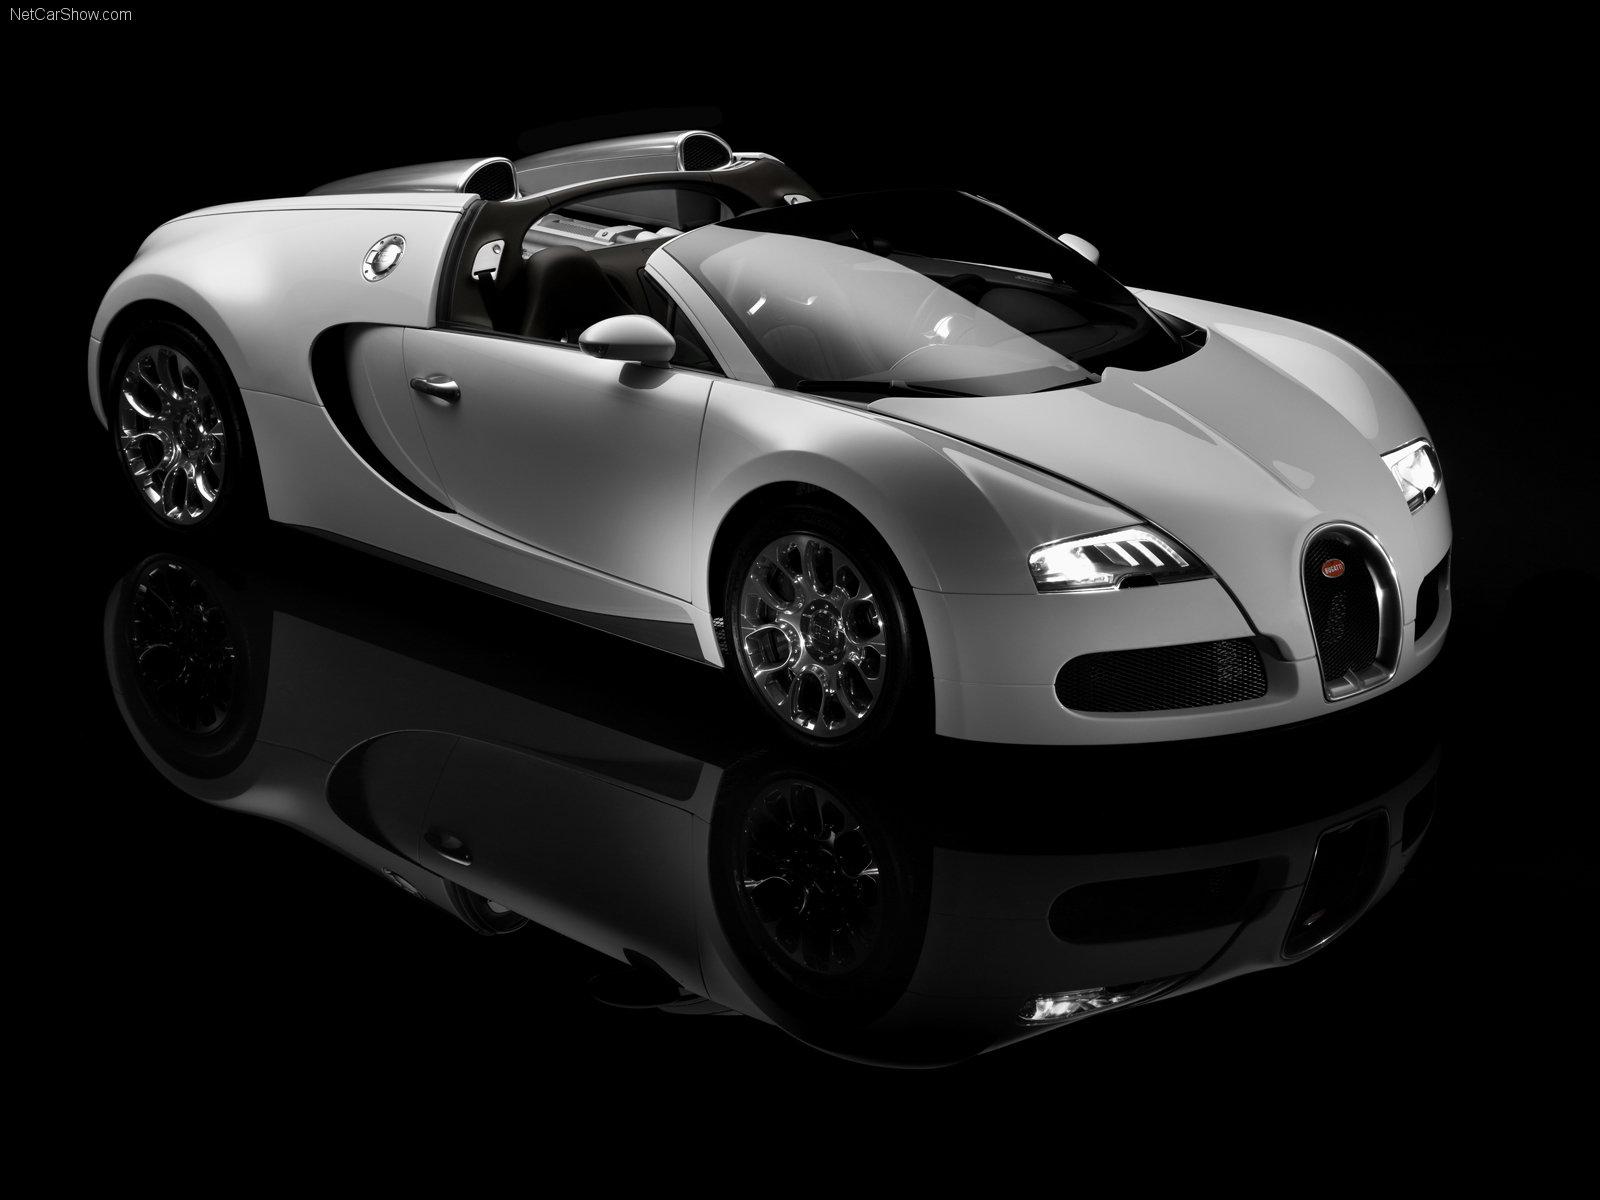 Bugatti Veyron white supercar wallpaper HD Only   Wallpapers 1600x1200